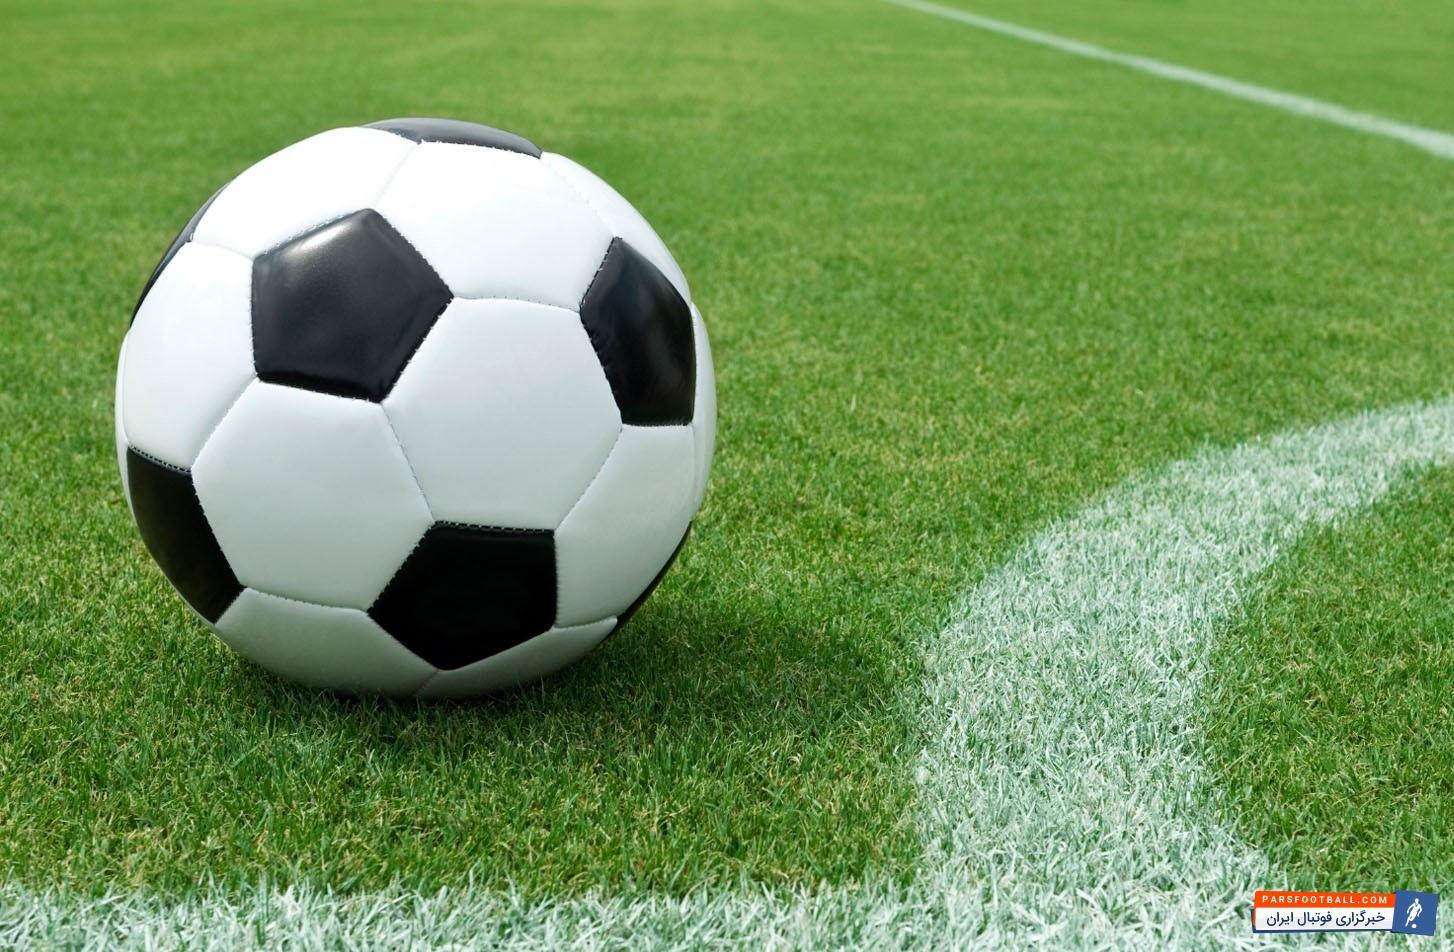 فیلم ؛ کلیپ دیدنی از سوپر گل عقربی تماشایی در لیگ آماتور ها ؛ پارس فوتبال